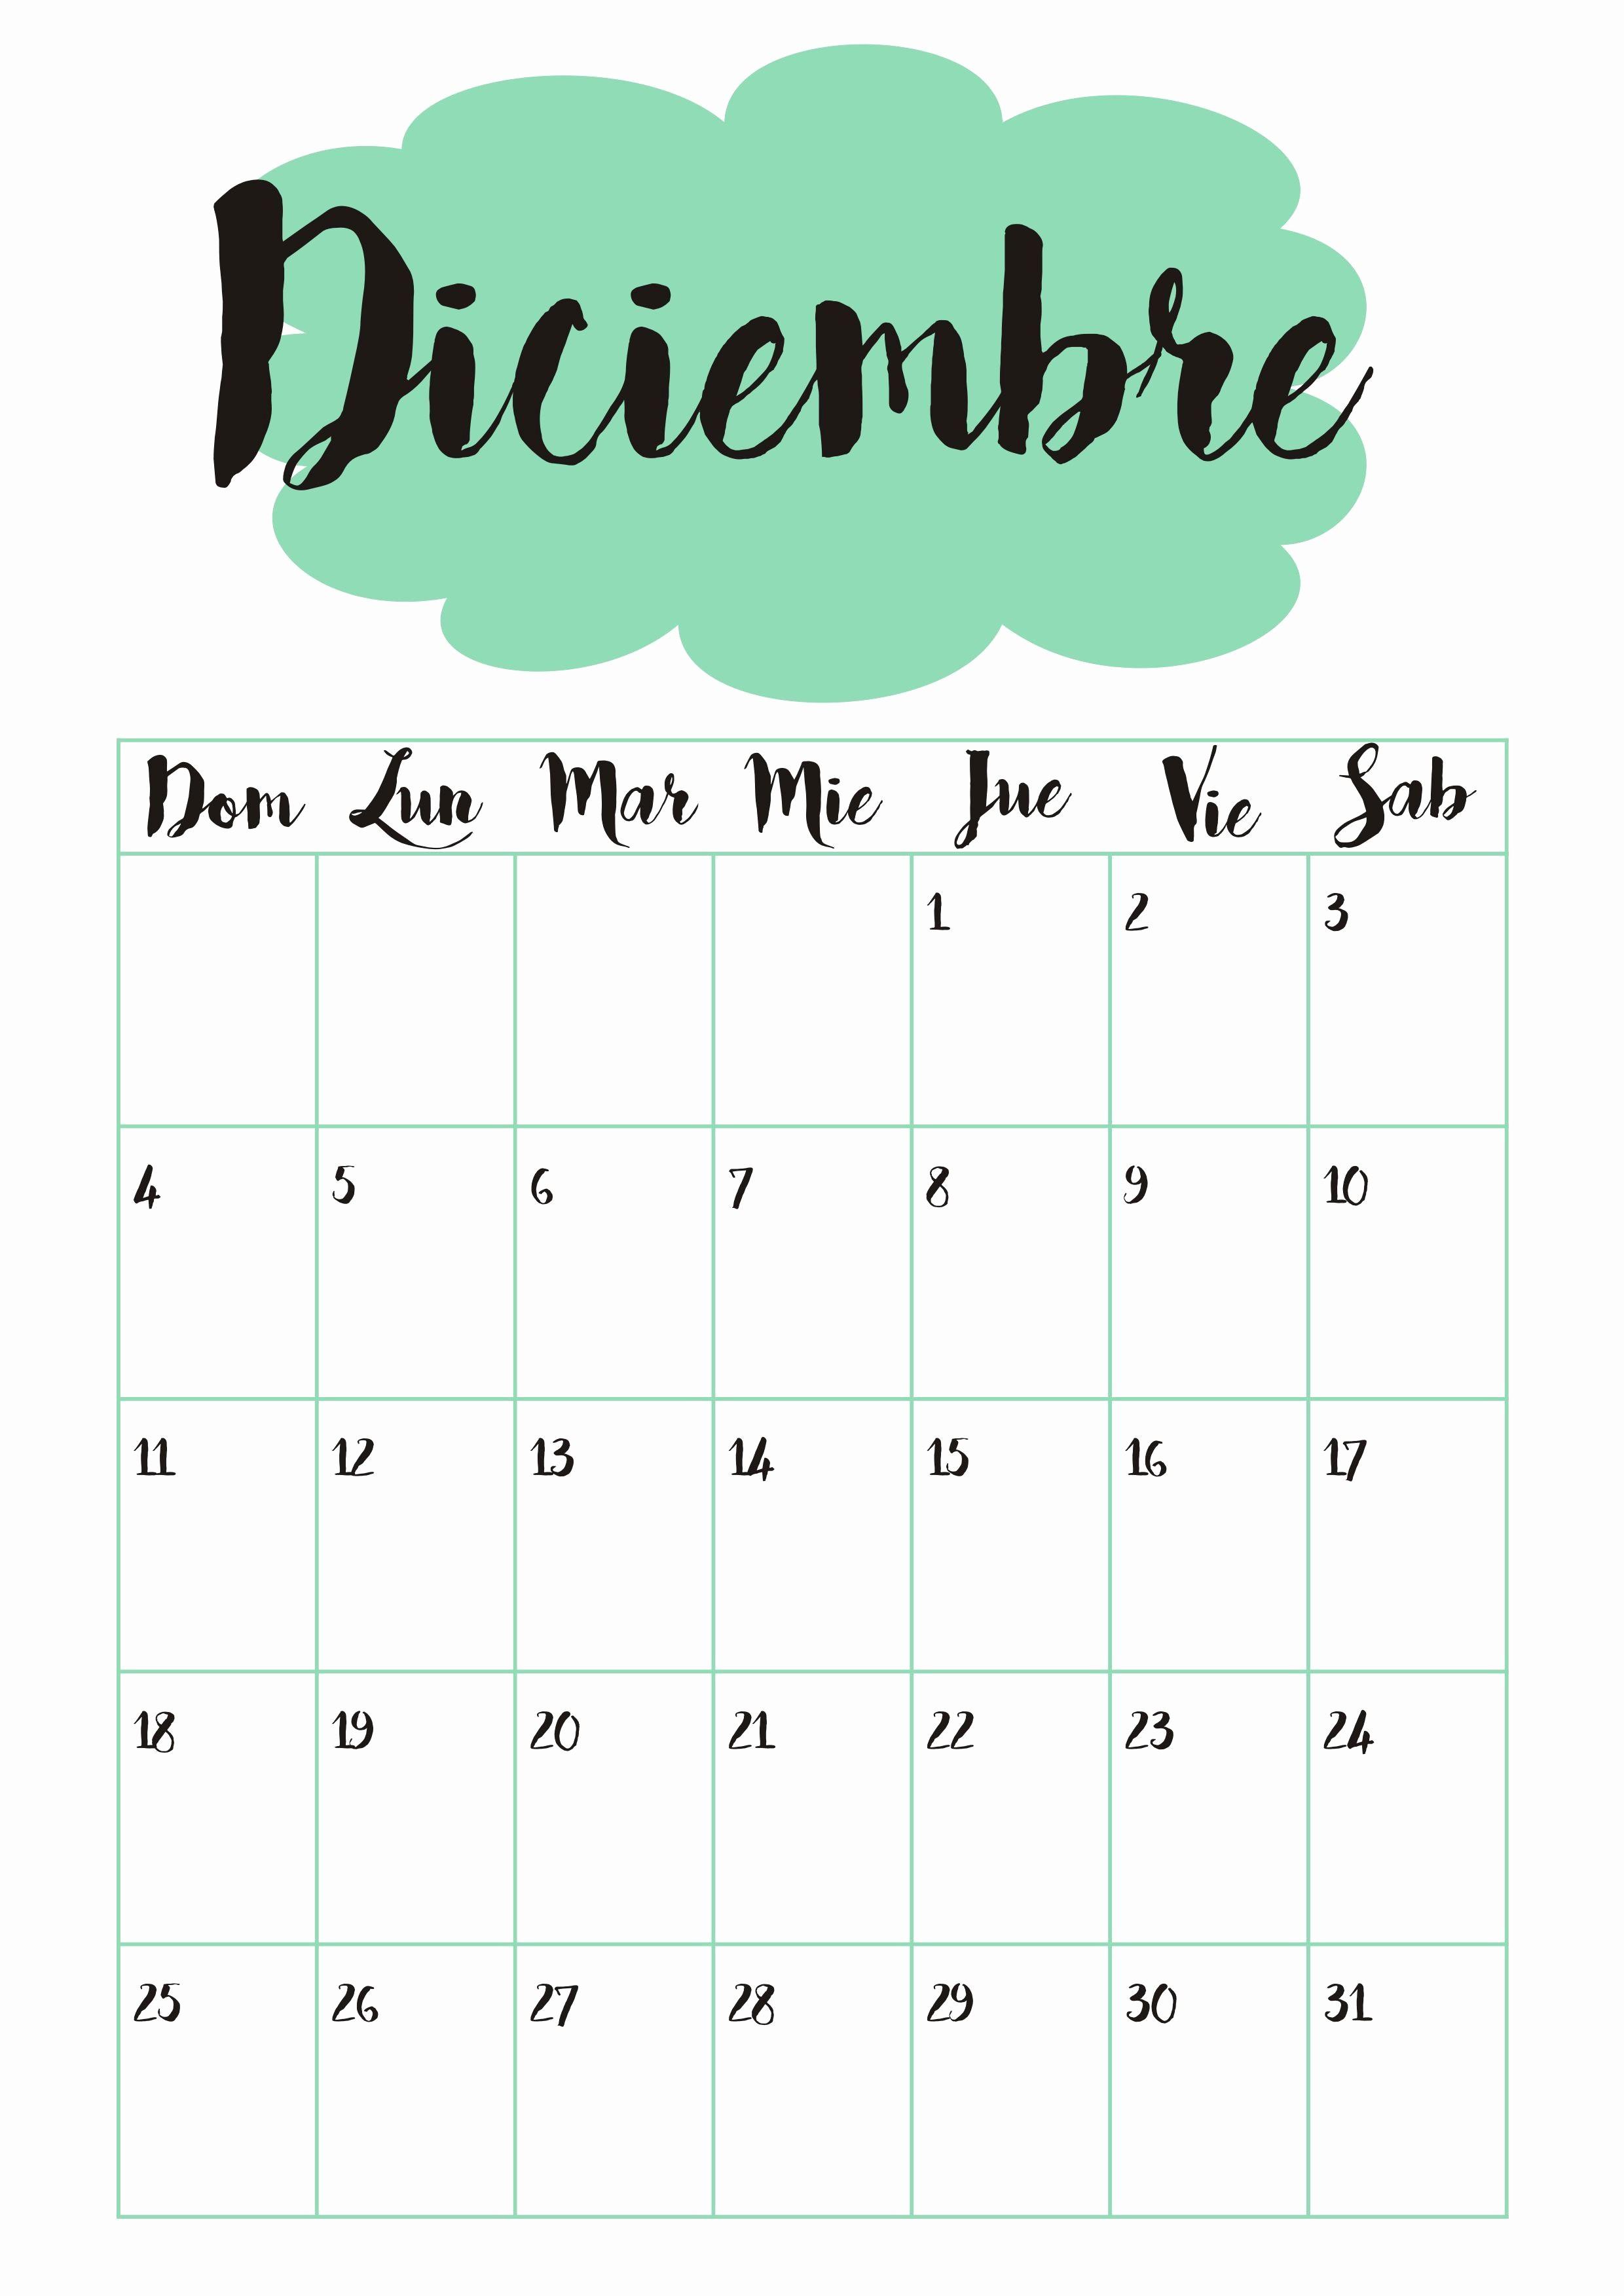 Calendario Diciembre 2017 Para Imprimir Fresh Calendario 12 Diciembre ☼ Calendario 2016 ☺